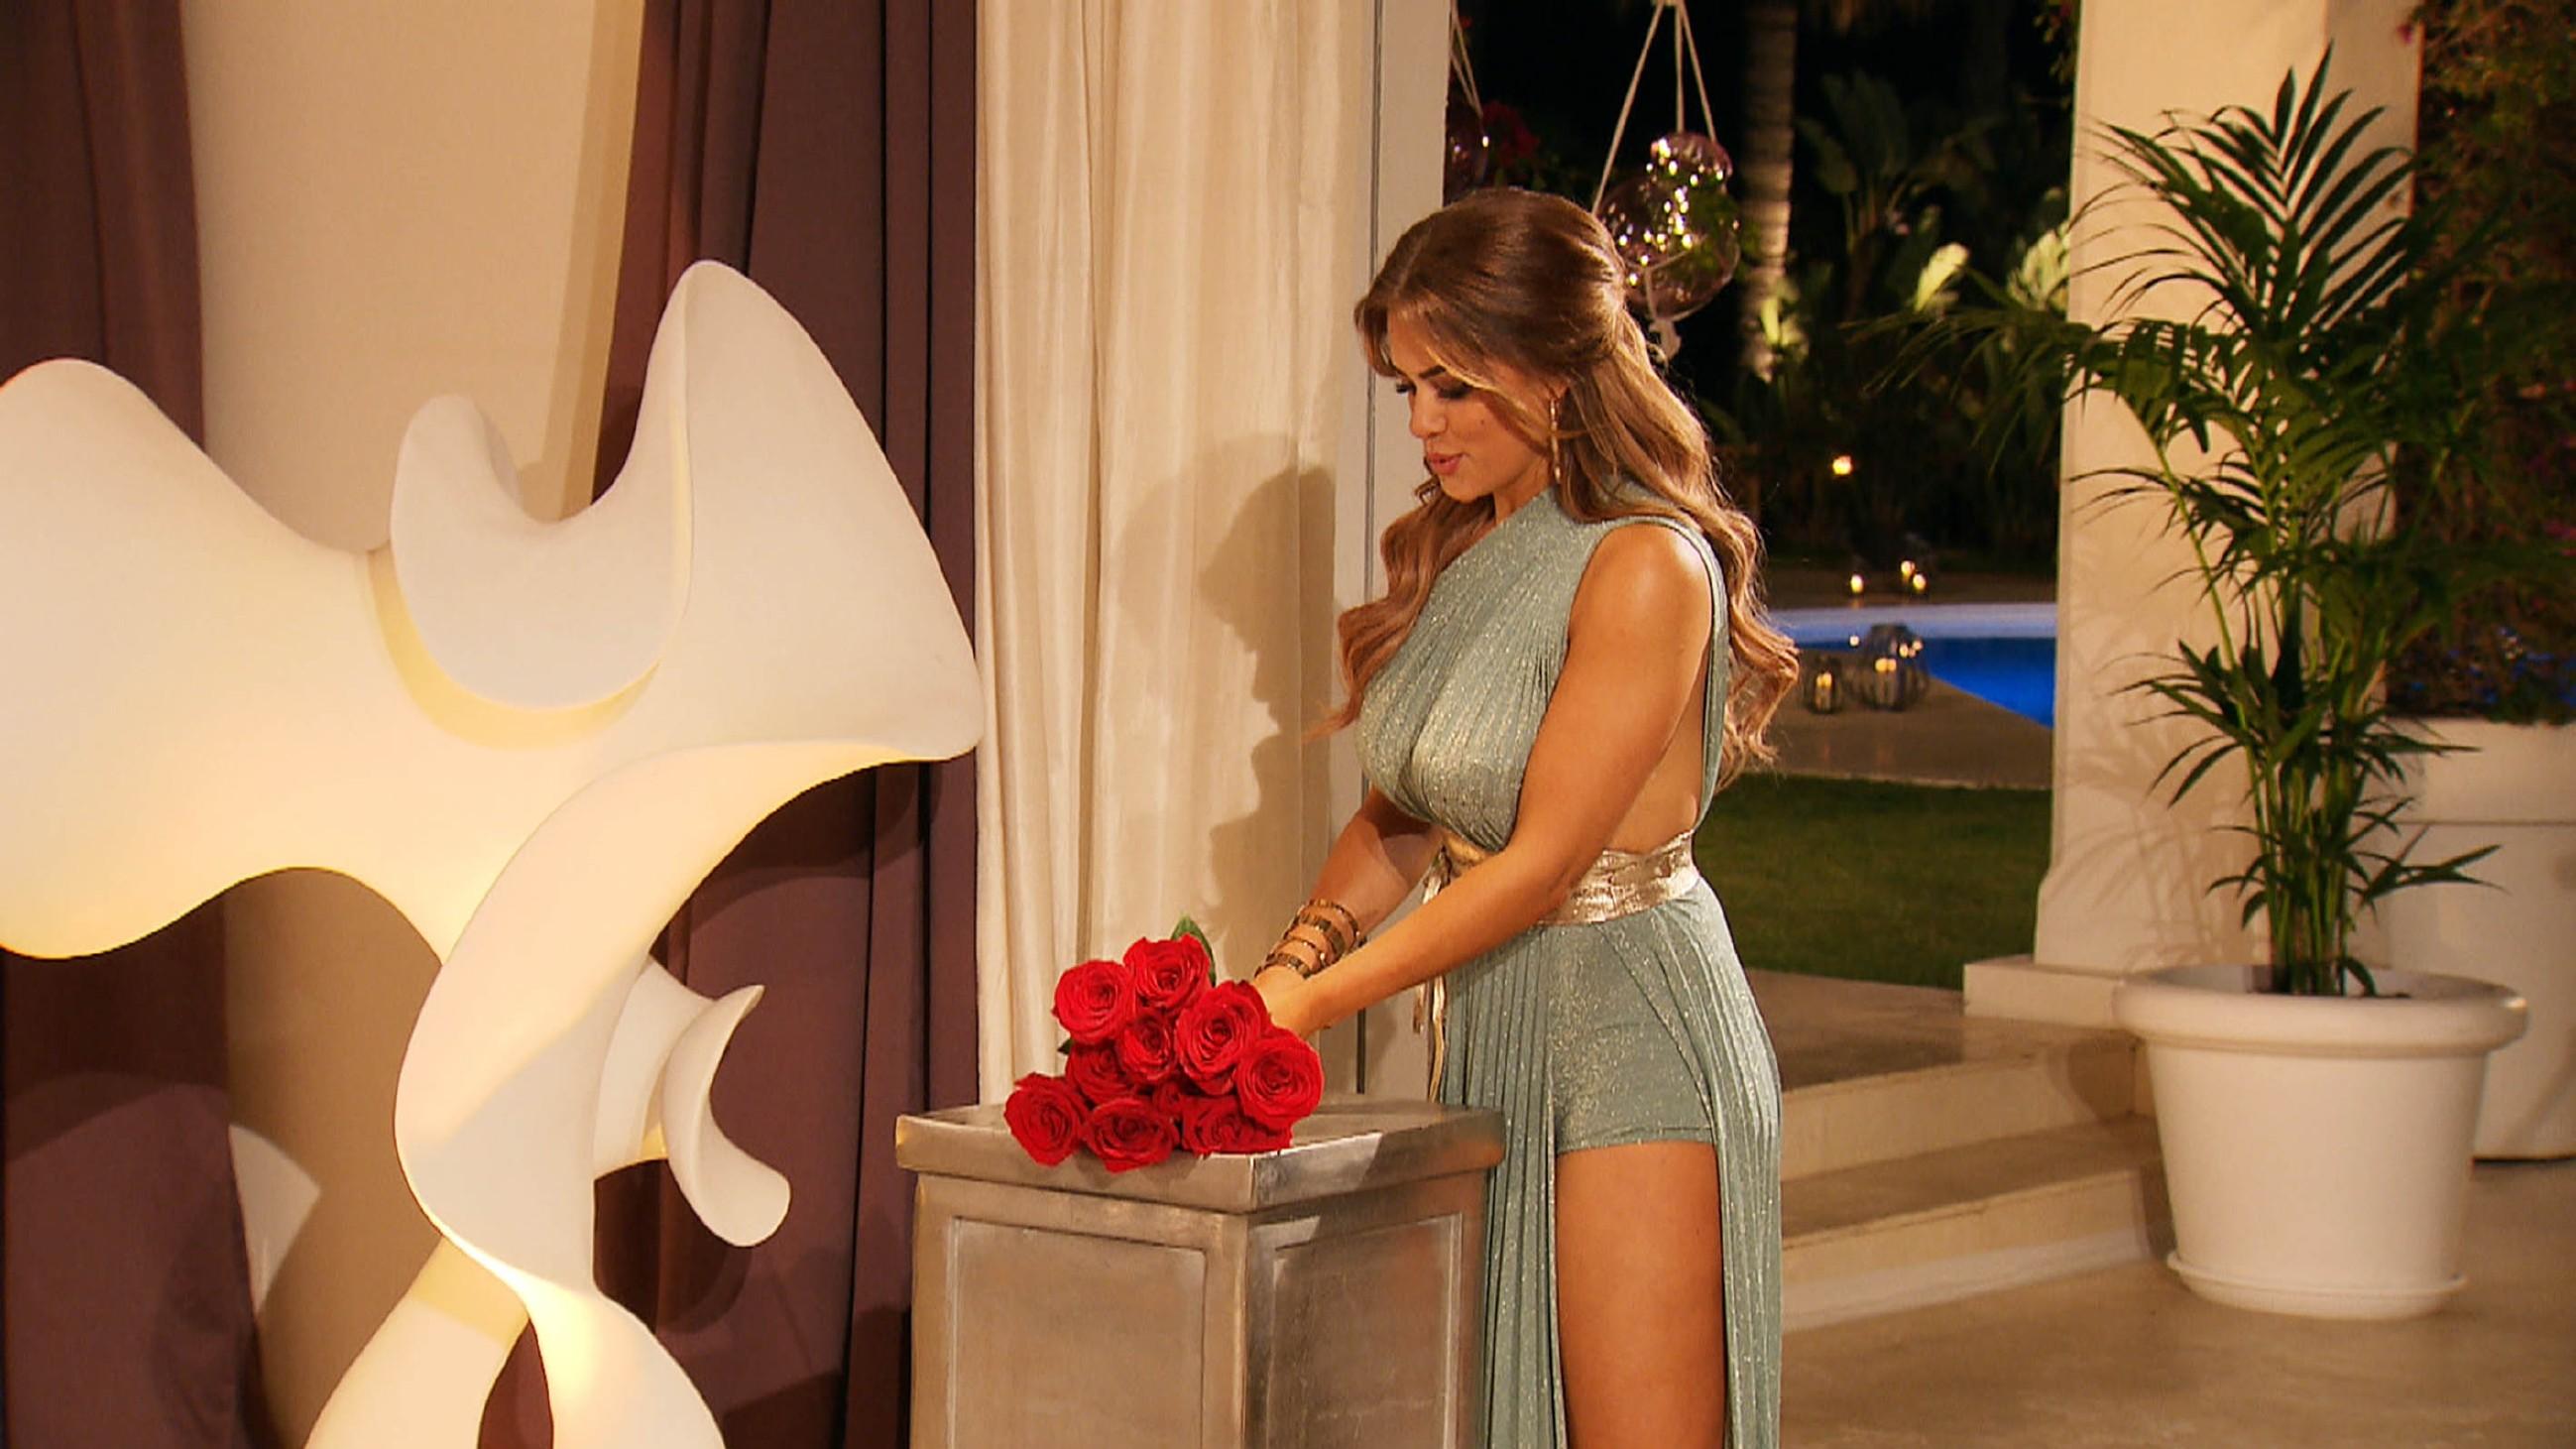 Die dritte Nacht der Rosen steht an und Jessica hat ein paar Ankündigungen zu machen.